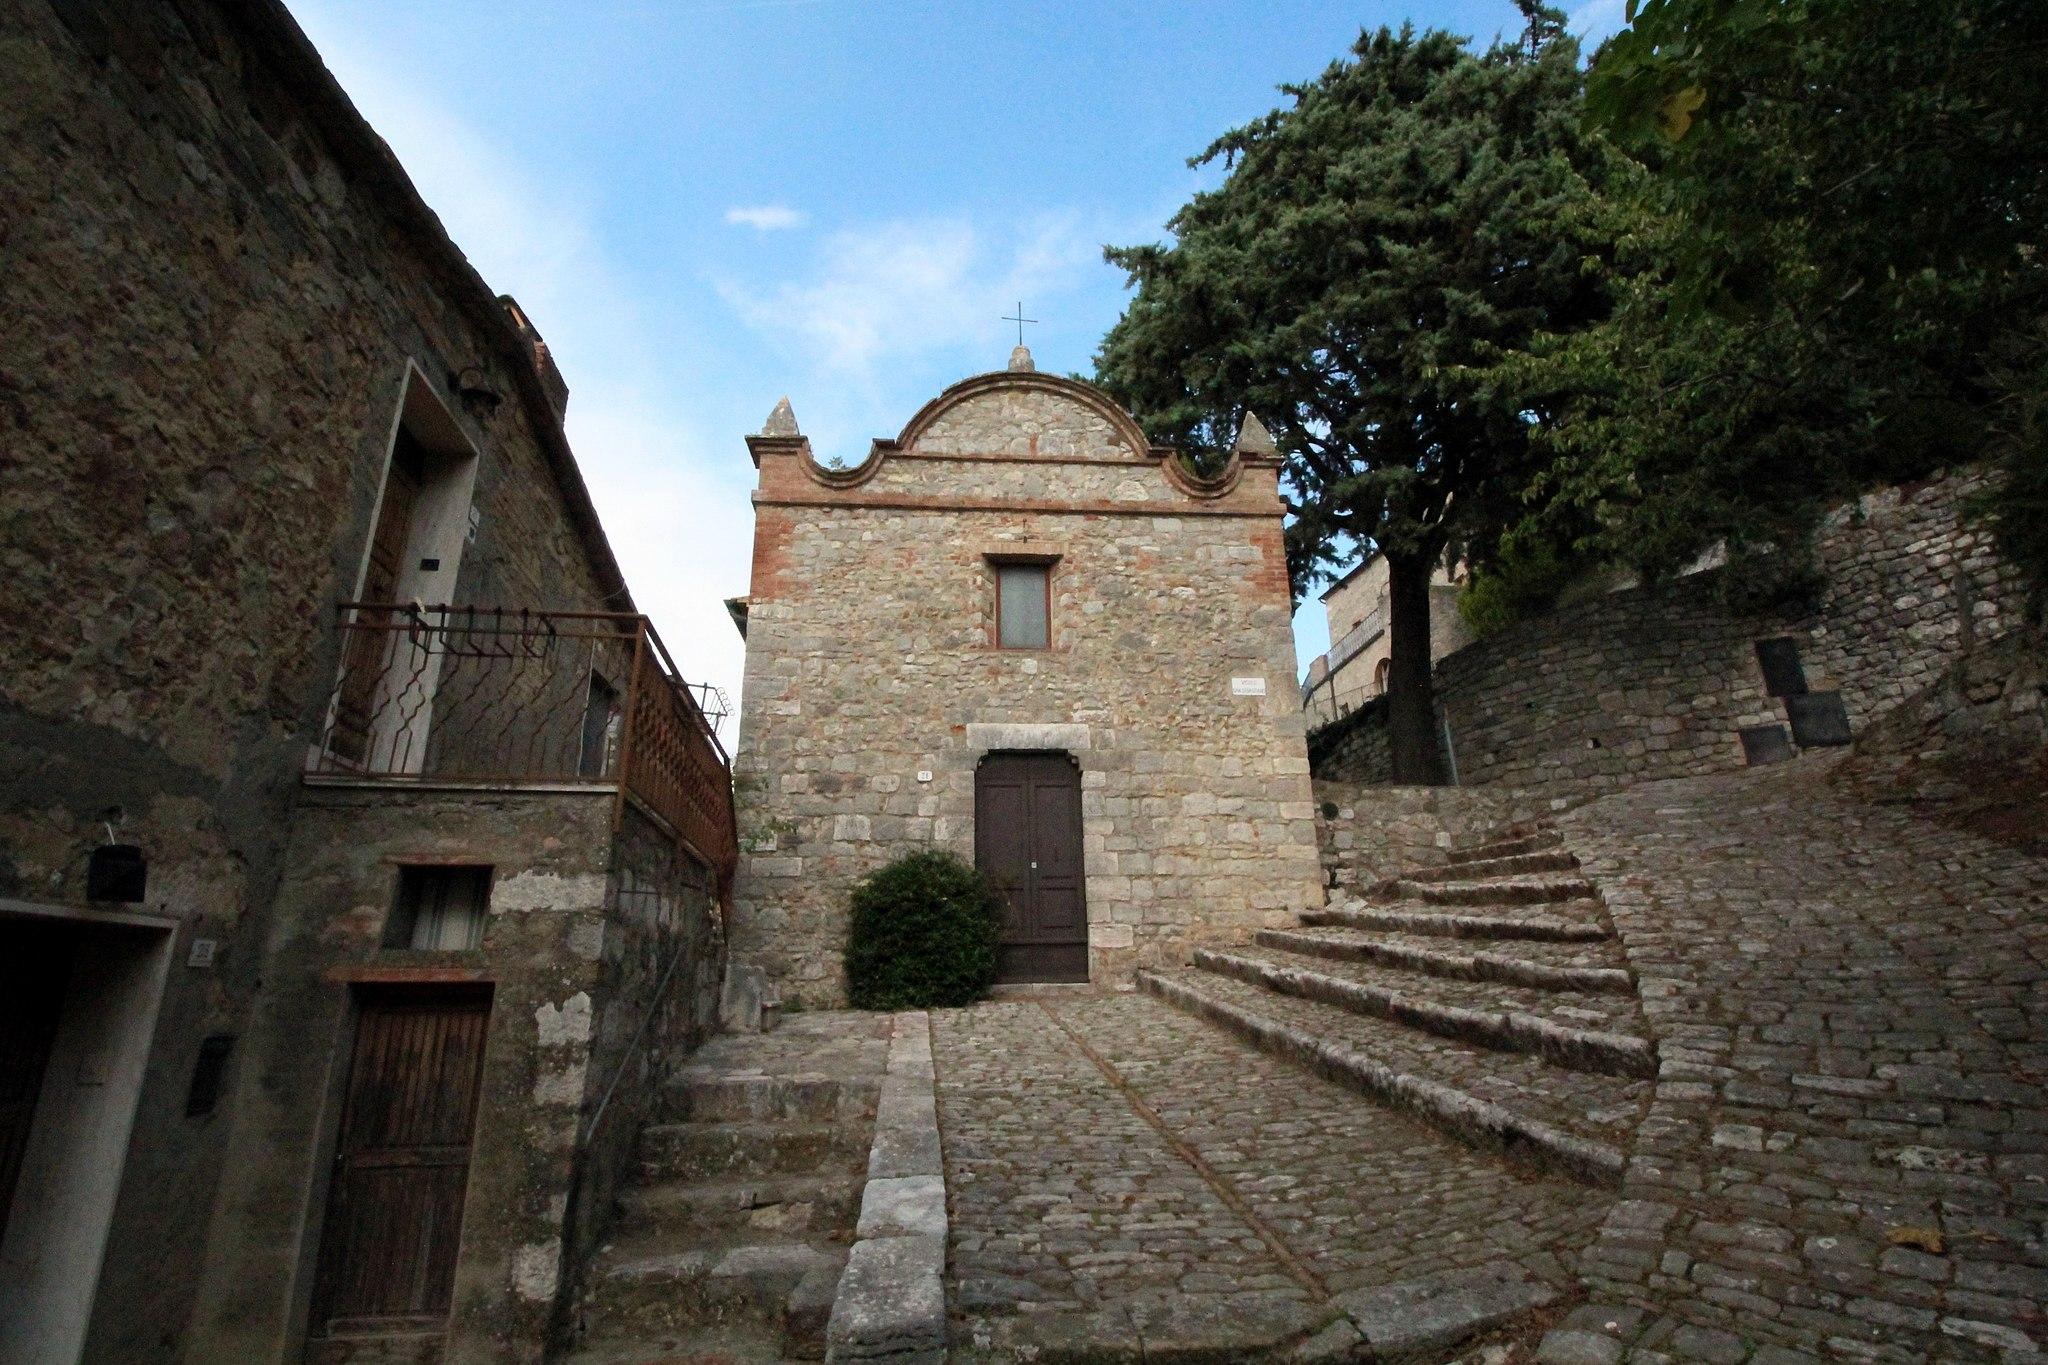 Church San Sebastiano, Rocca d'Orcia, hamlet of Castiglione d'Orcia